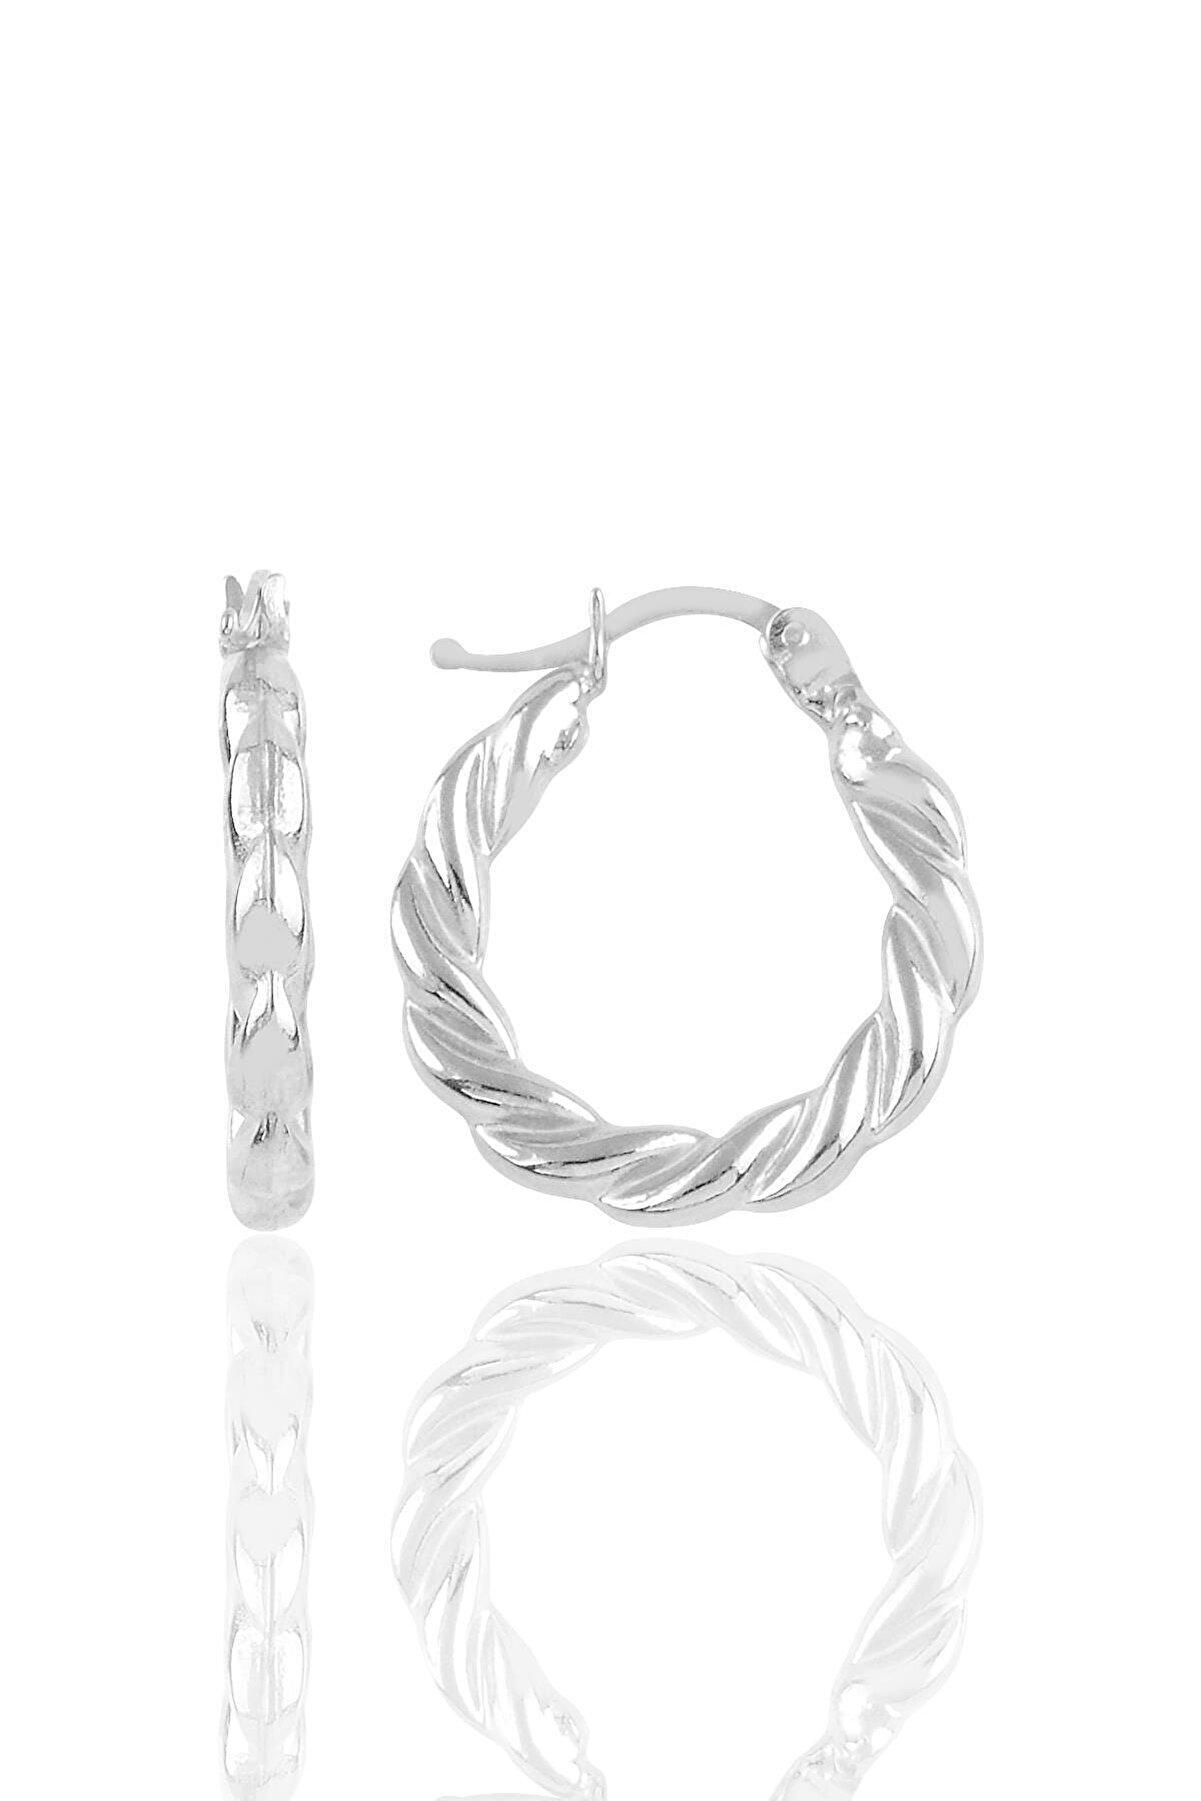 Söğütlü Silver Gümüş Kalın Burgu Gümüş Şarnel Küpe